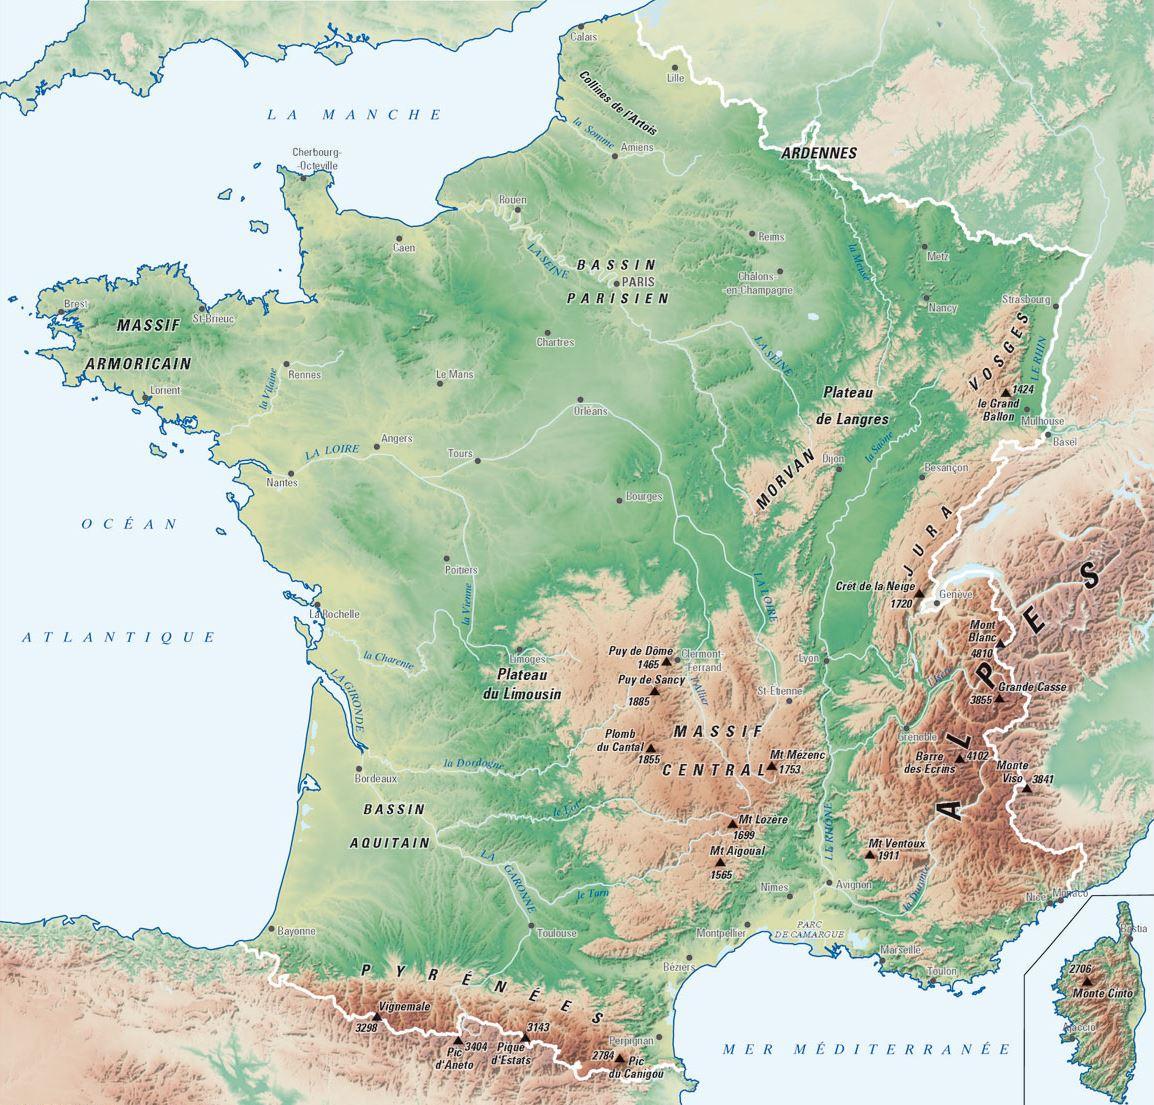 Carte France Villes : Carte Des Villes De France à Carte Geographique Du France